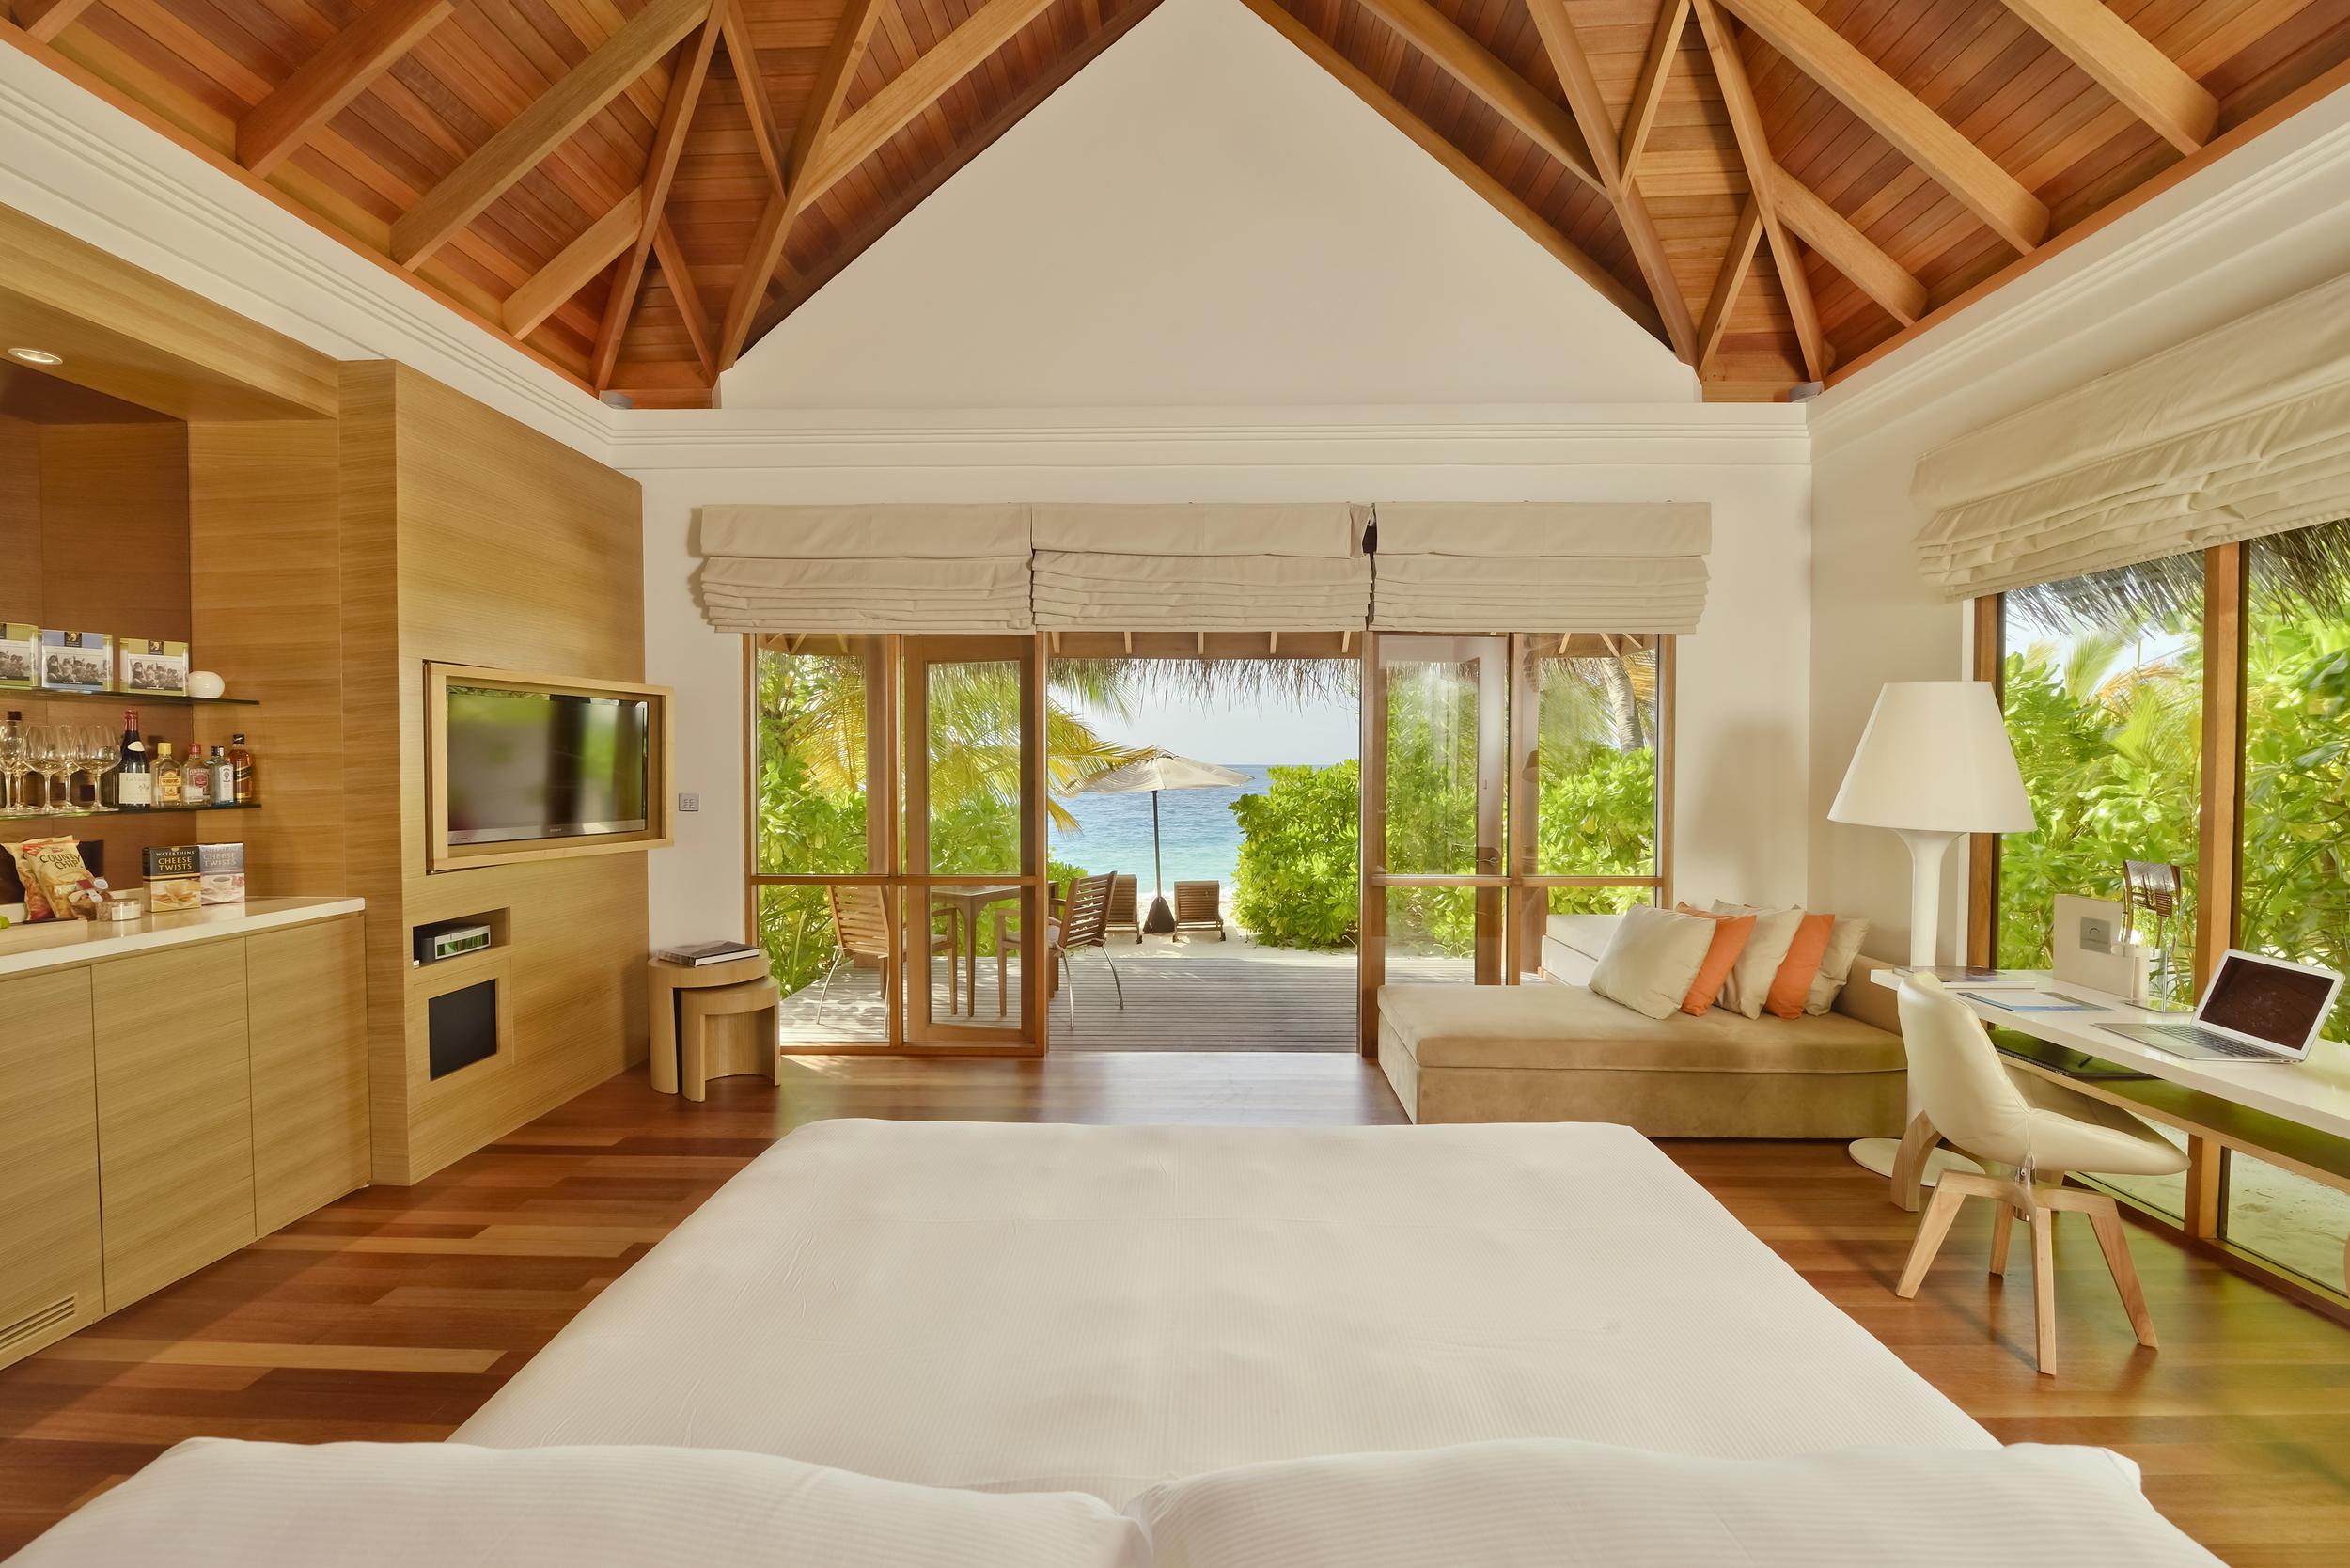 Hi_PHUV_59890029_Beach_Bungalow_With_Pool_Bedroom.jpg